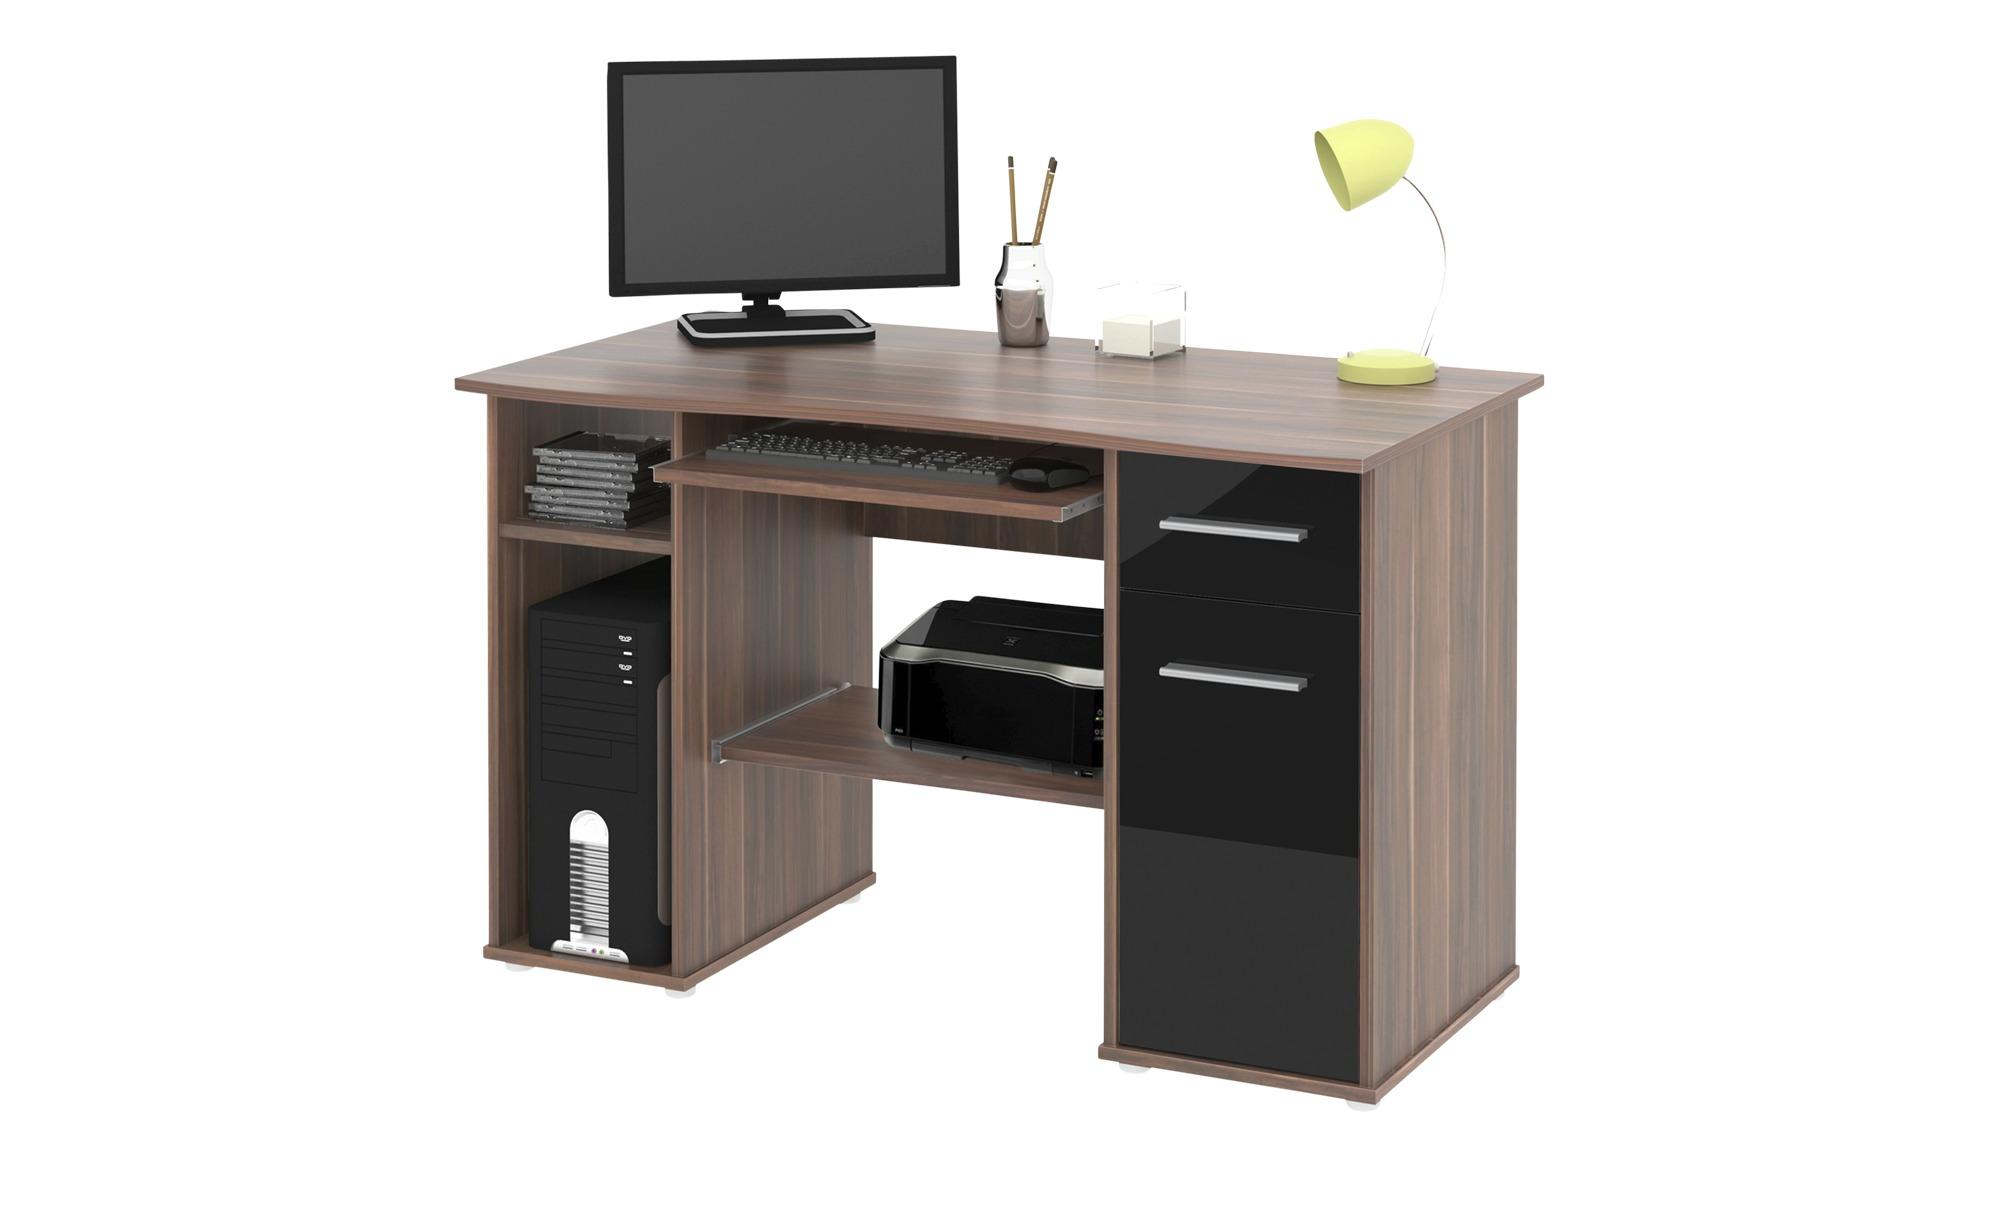 Schreibtisch Walnuss Nachbildung Schwarz Hochglanz Walnuss